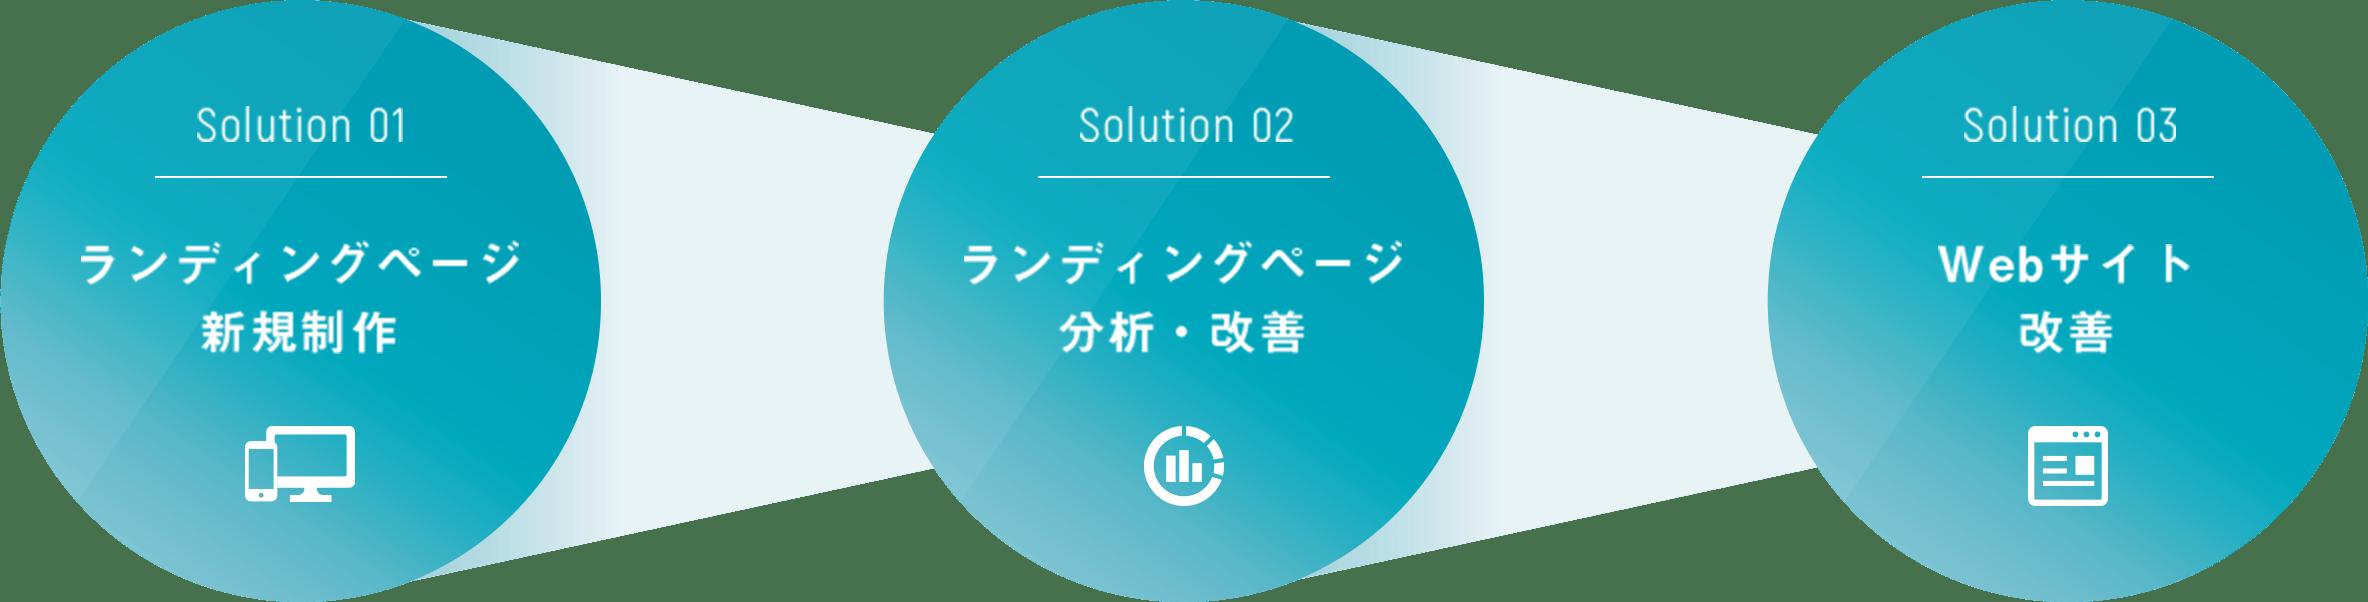 Solution 01 ランディングページ新規制作 Solution 02 ランディングページ分析・改善 Solution 03 Webサイト改善